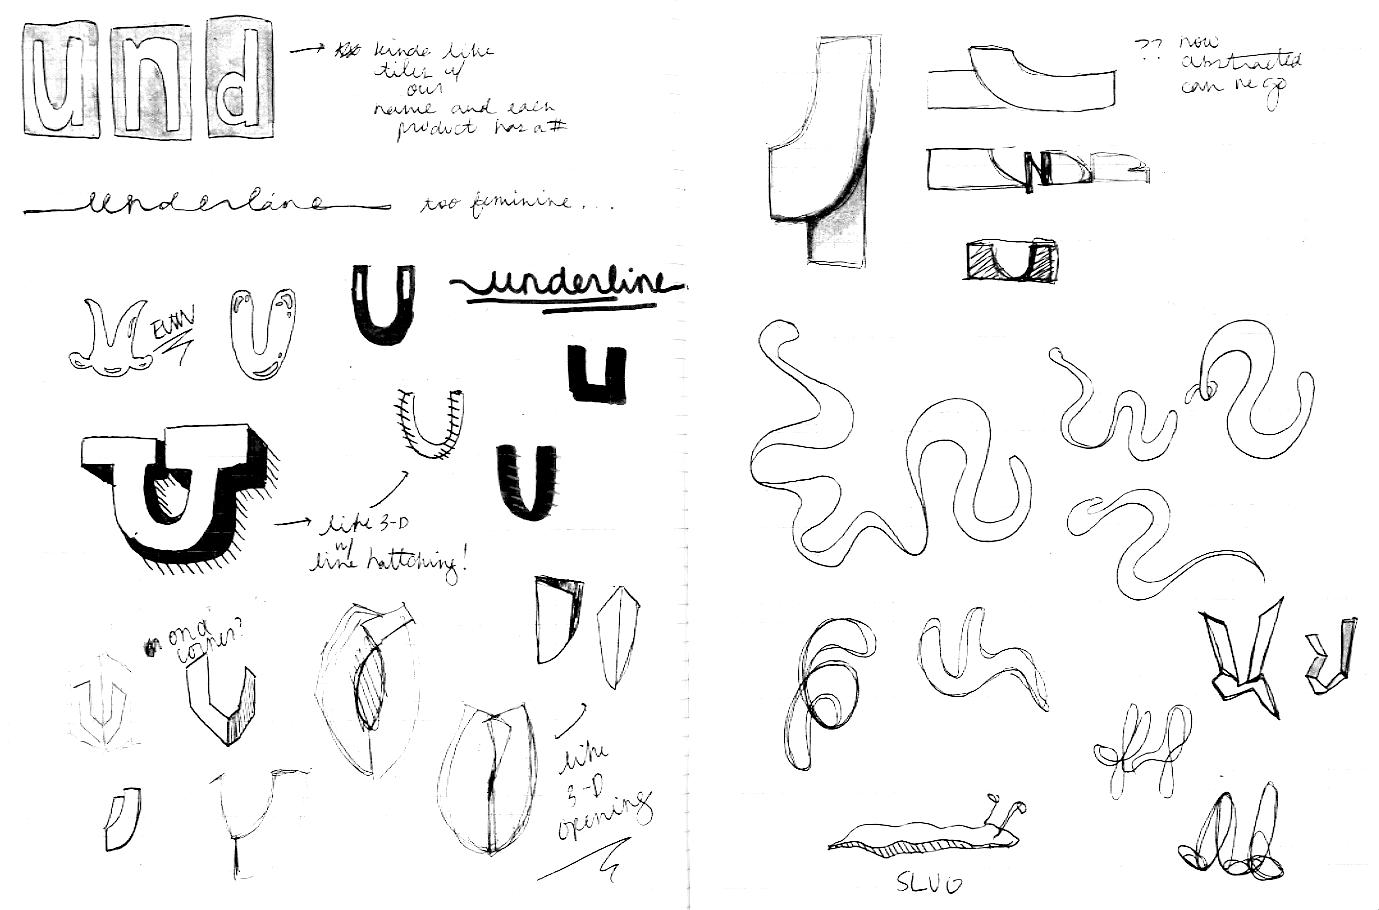 logo scan 2.png